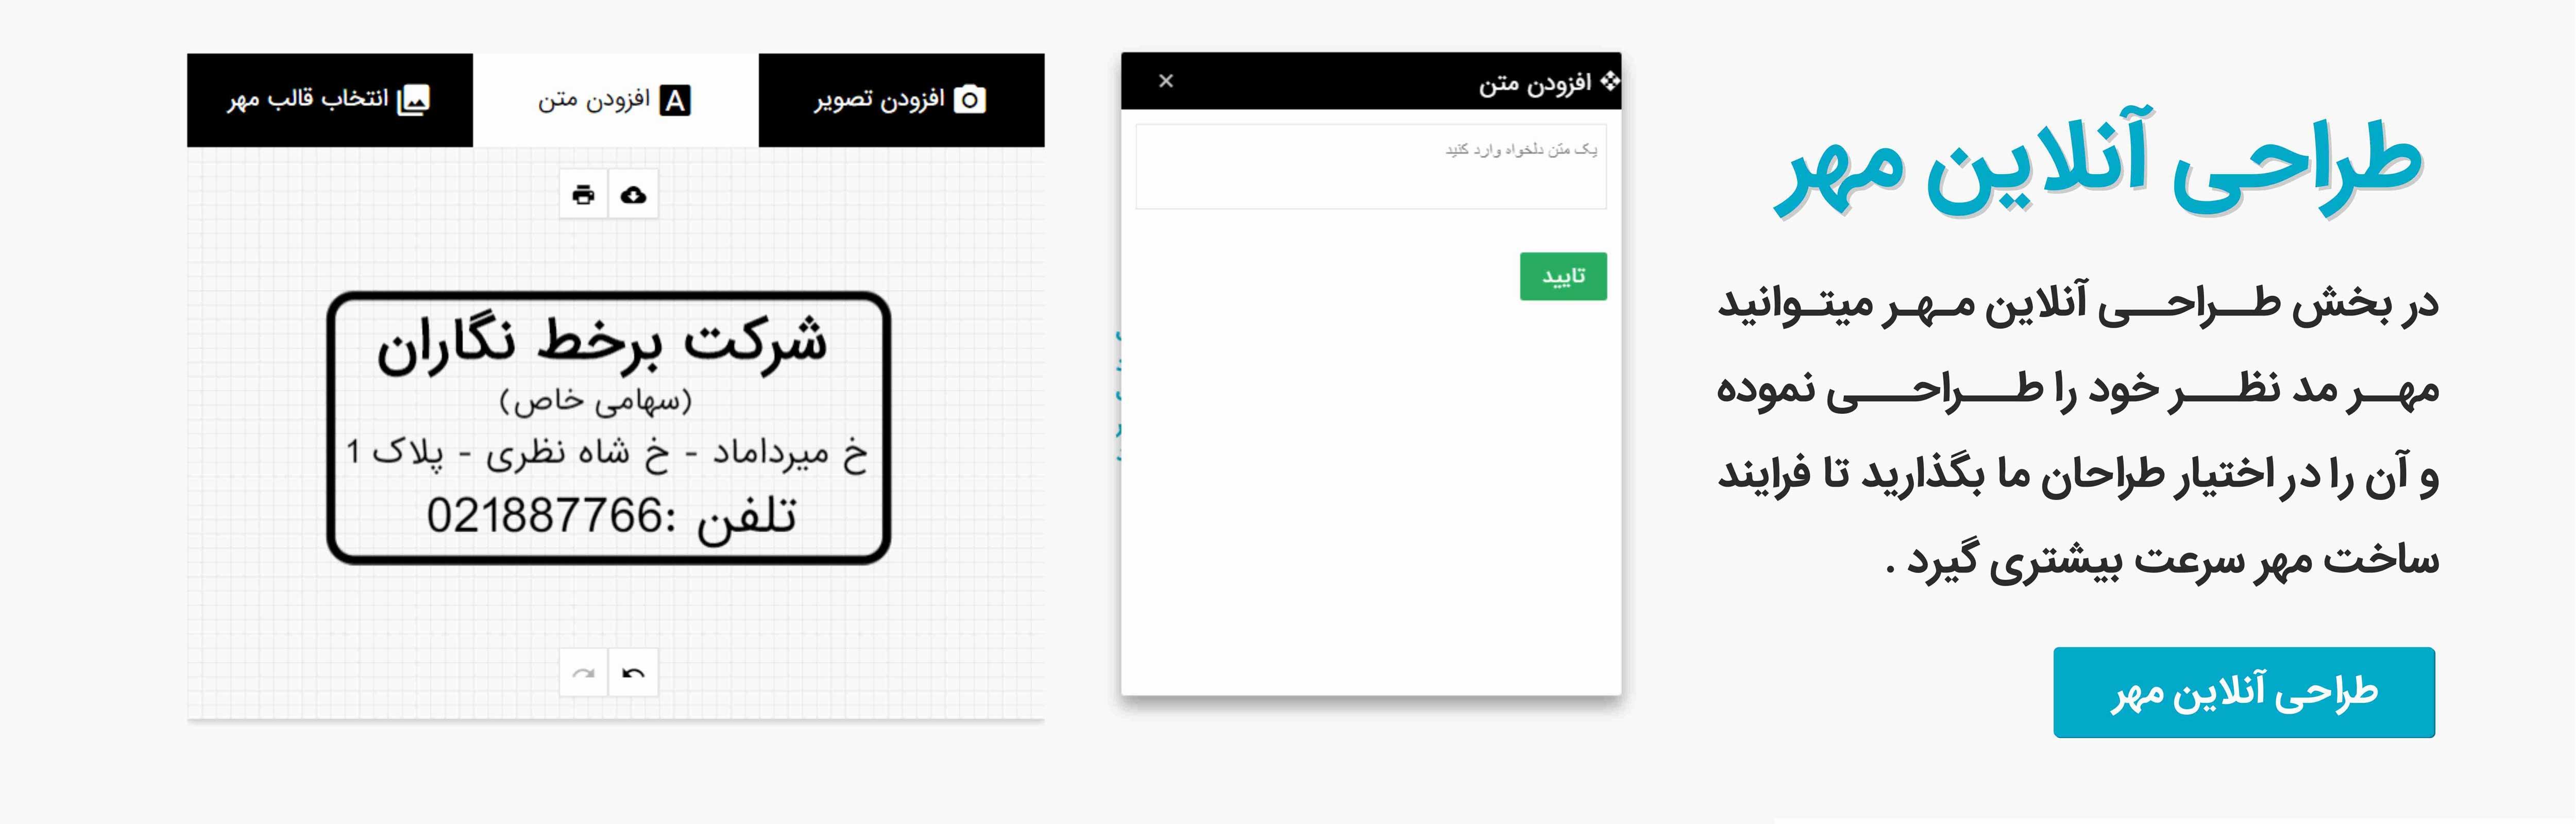 طراحی مهر آنلاین